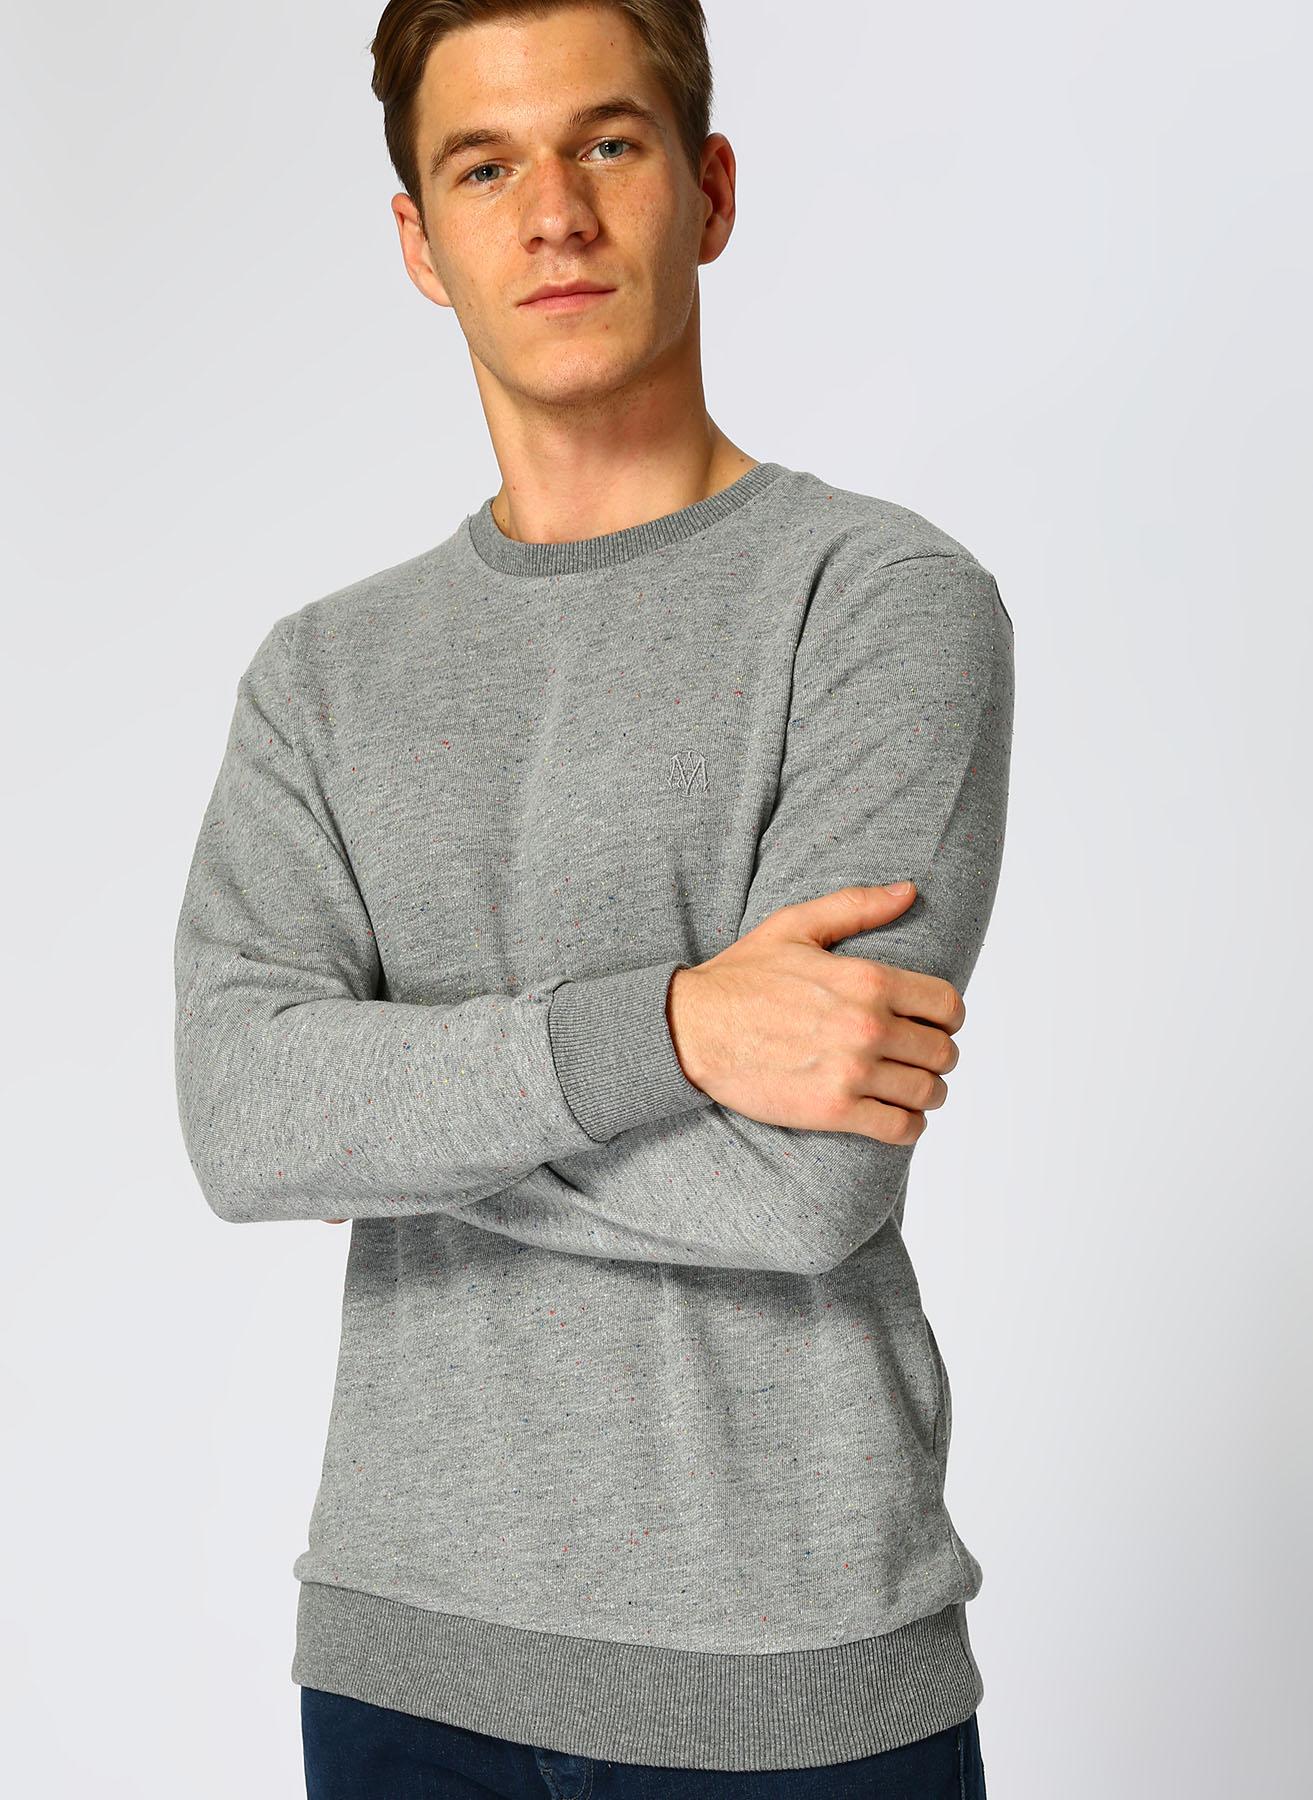 Mavi Füme Melanj Sweatshirt XL 5001634535004 Ürün Resmi